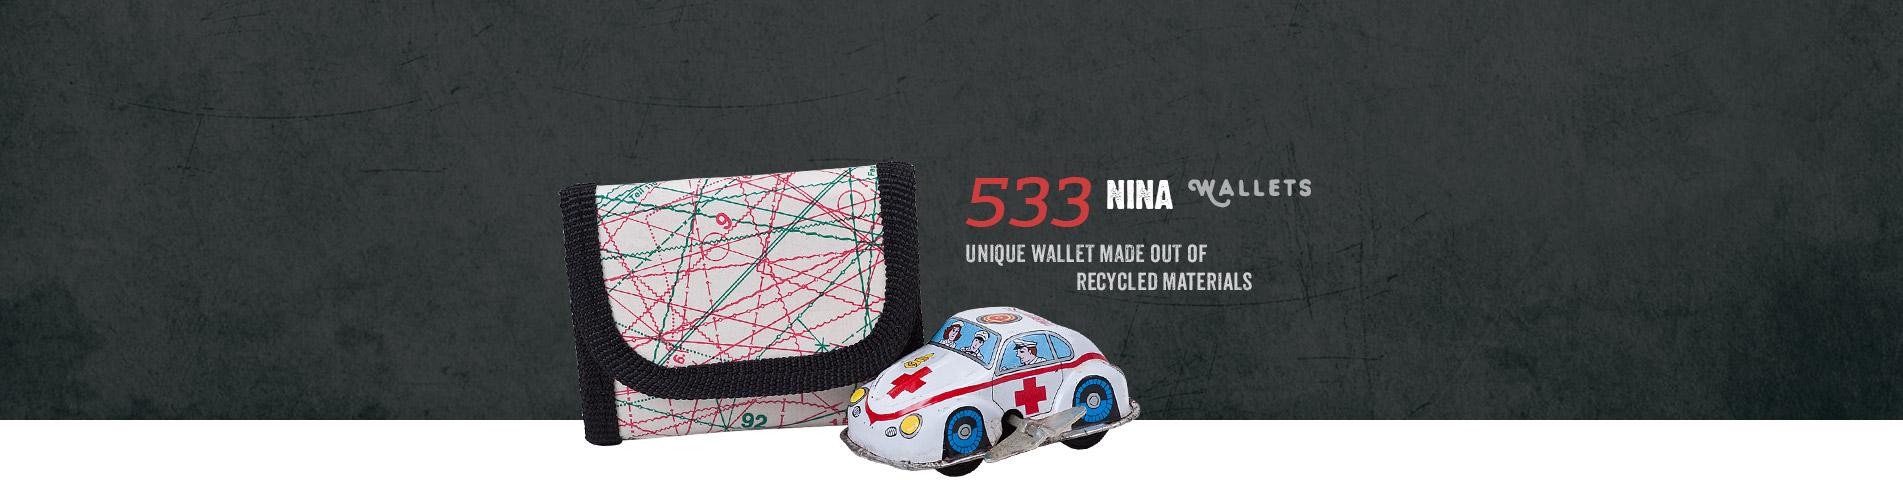 532 Nina Wallets